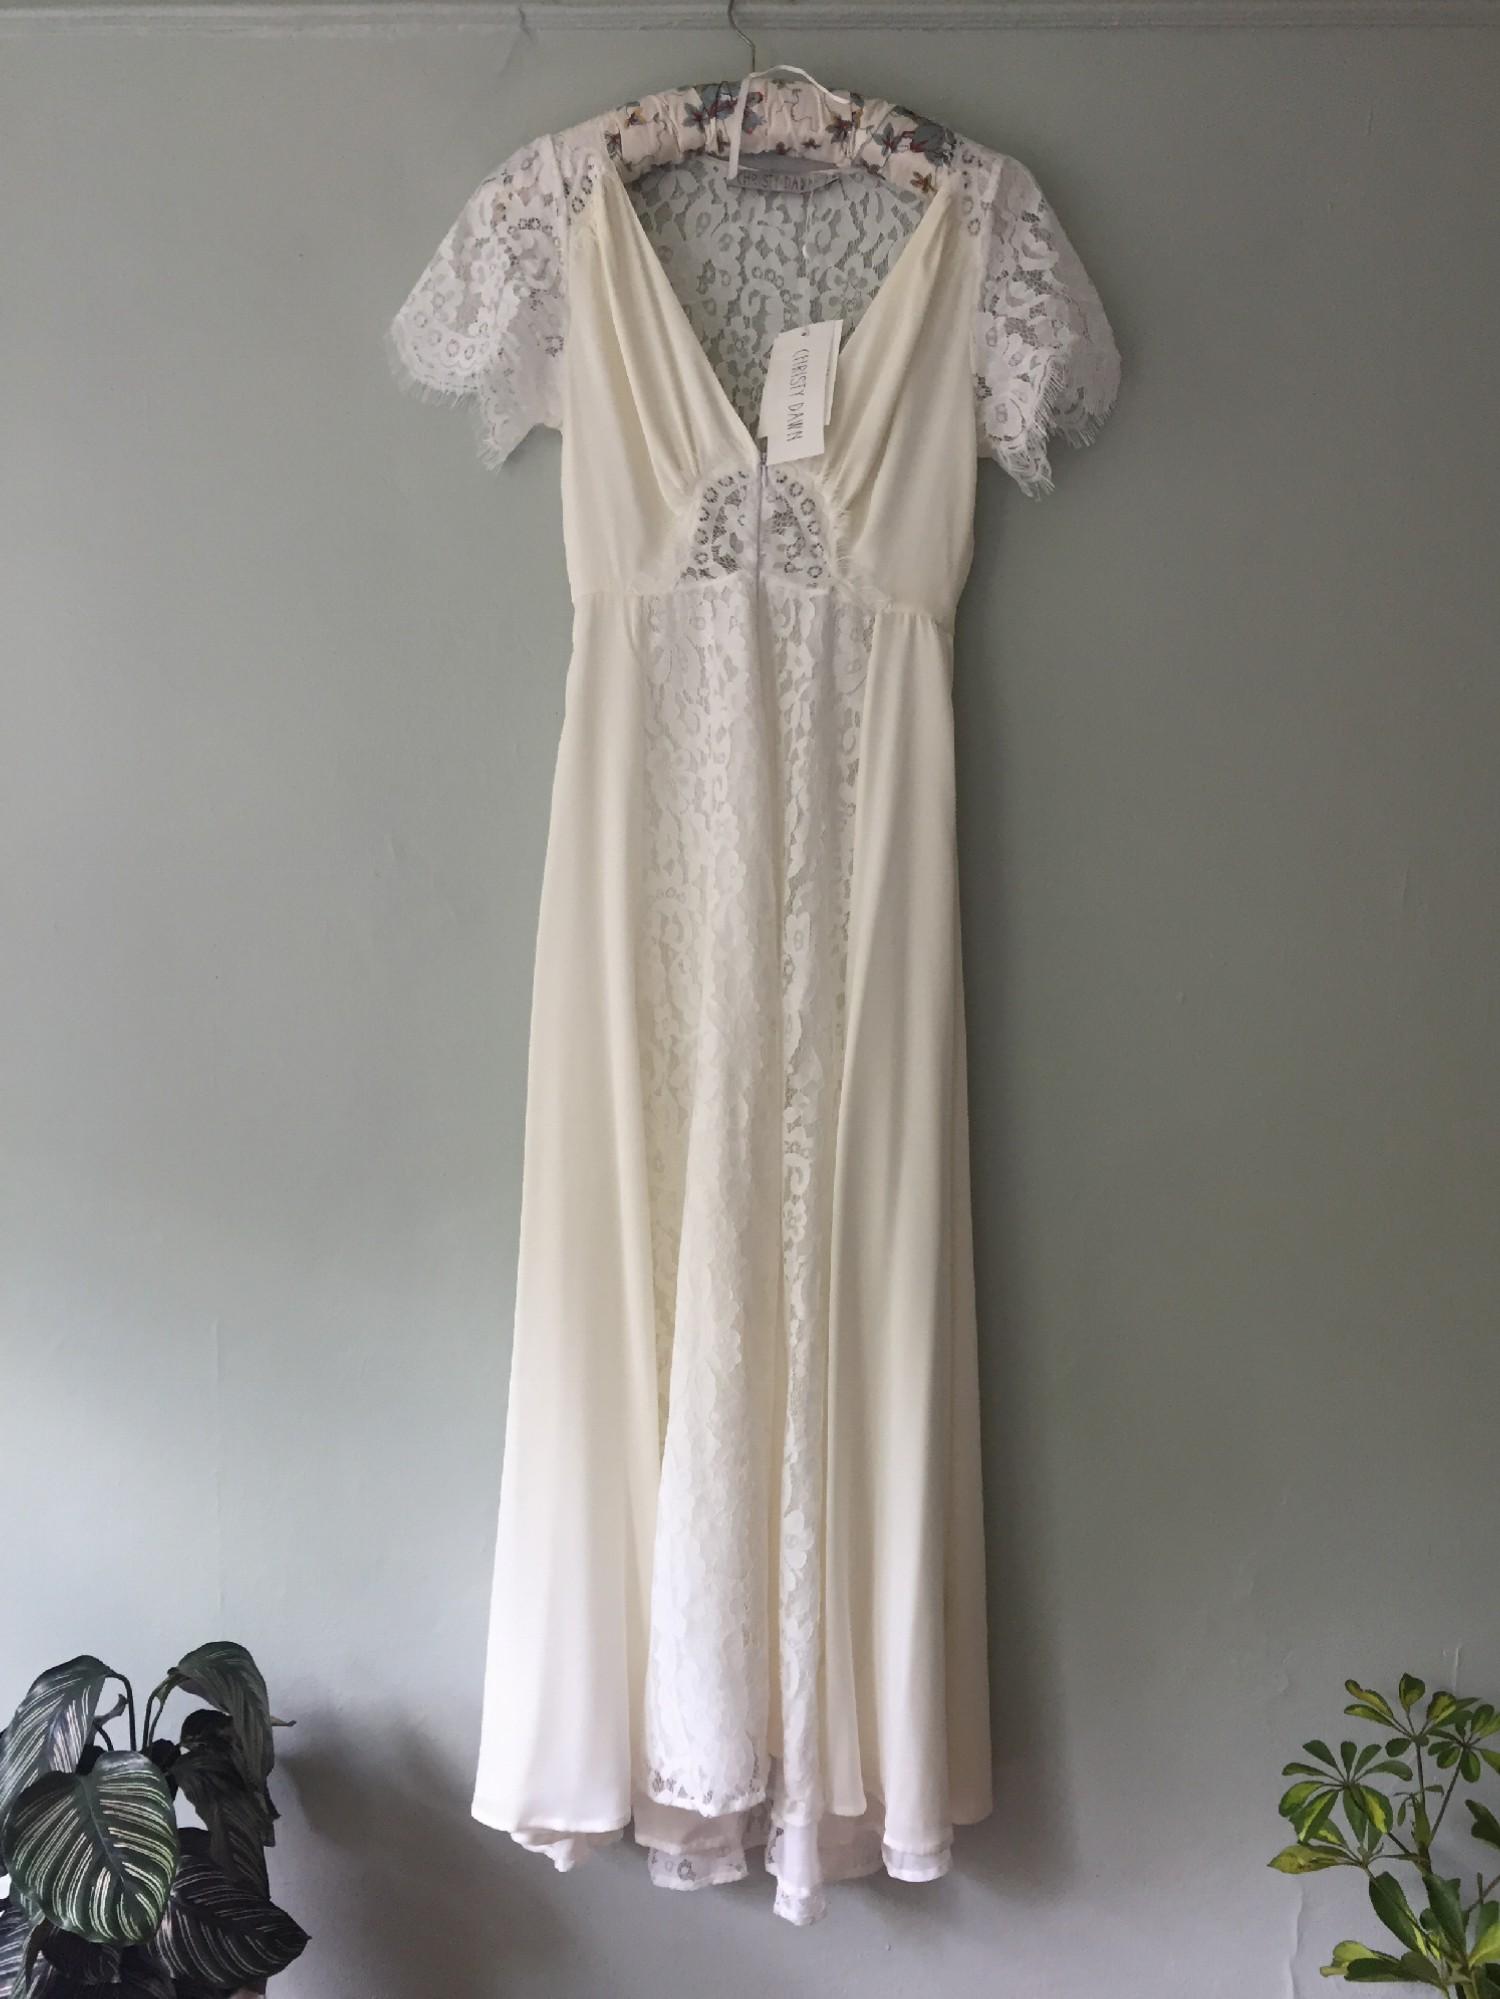 93676b1c3d Christy Dawn Fitzgerald New Wedding Dress on Sale 57% Off - Stillwhite  Canada